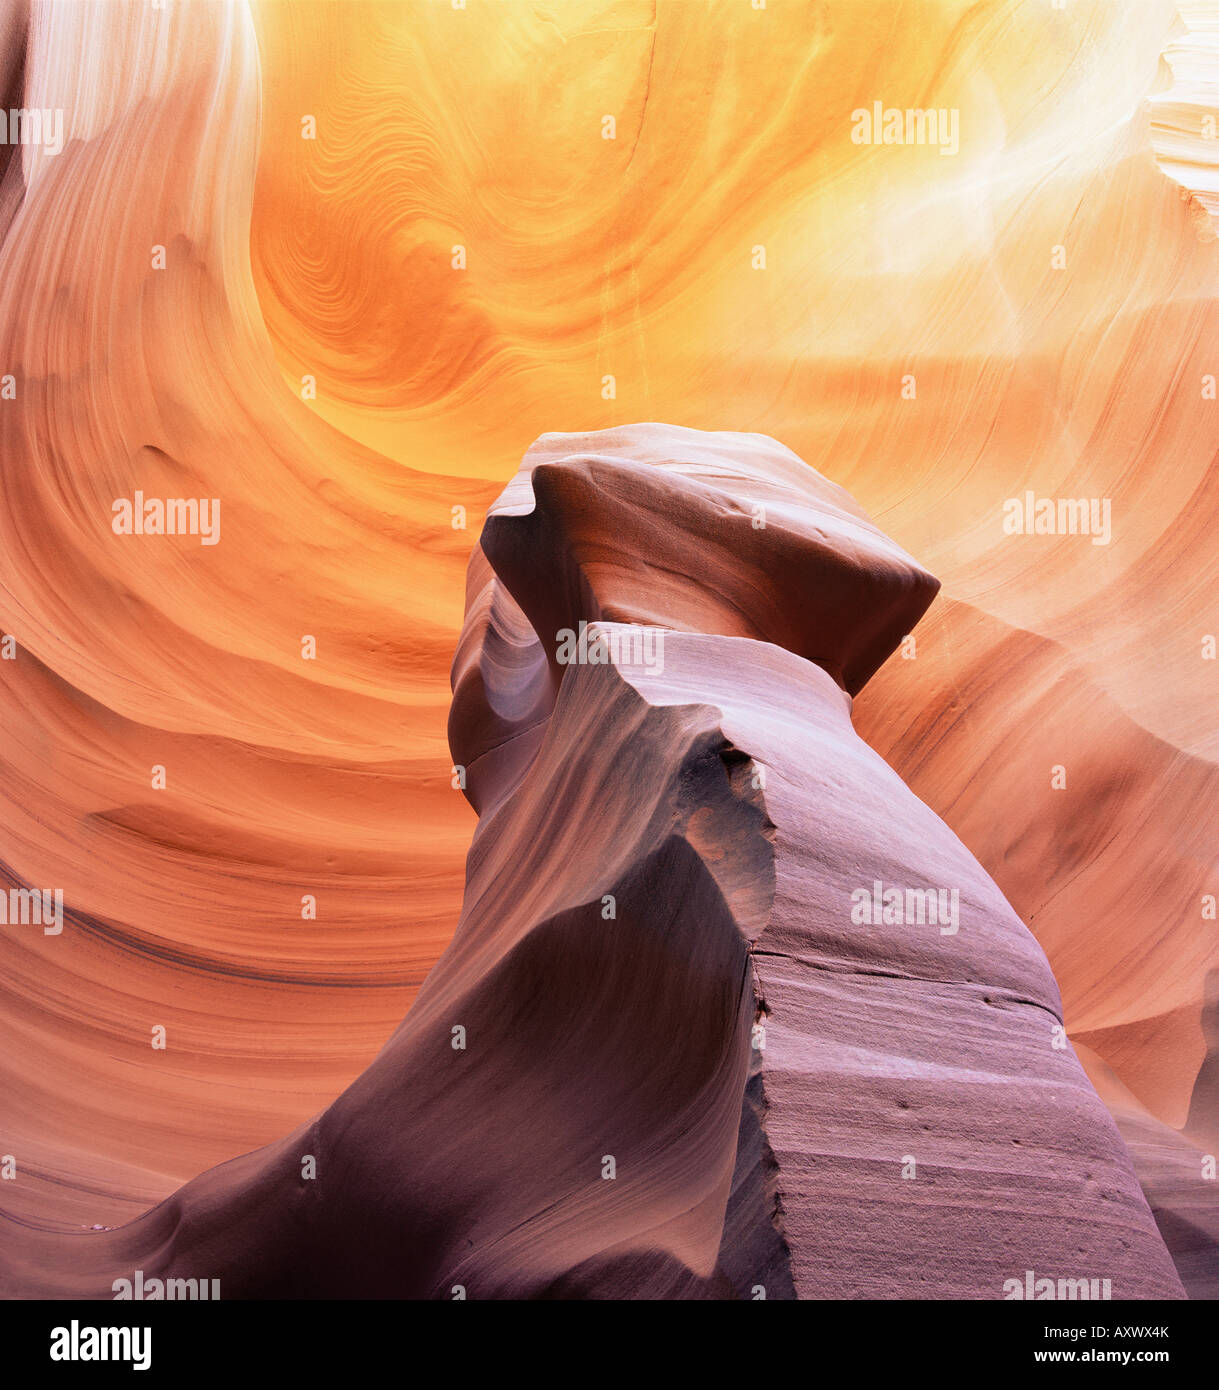 Pilier de pierre en fines Lizy Canyon, un Slot Canyon, Arizona, United States of America (États-Unis), en Amérique Photo Stock